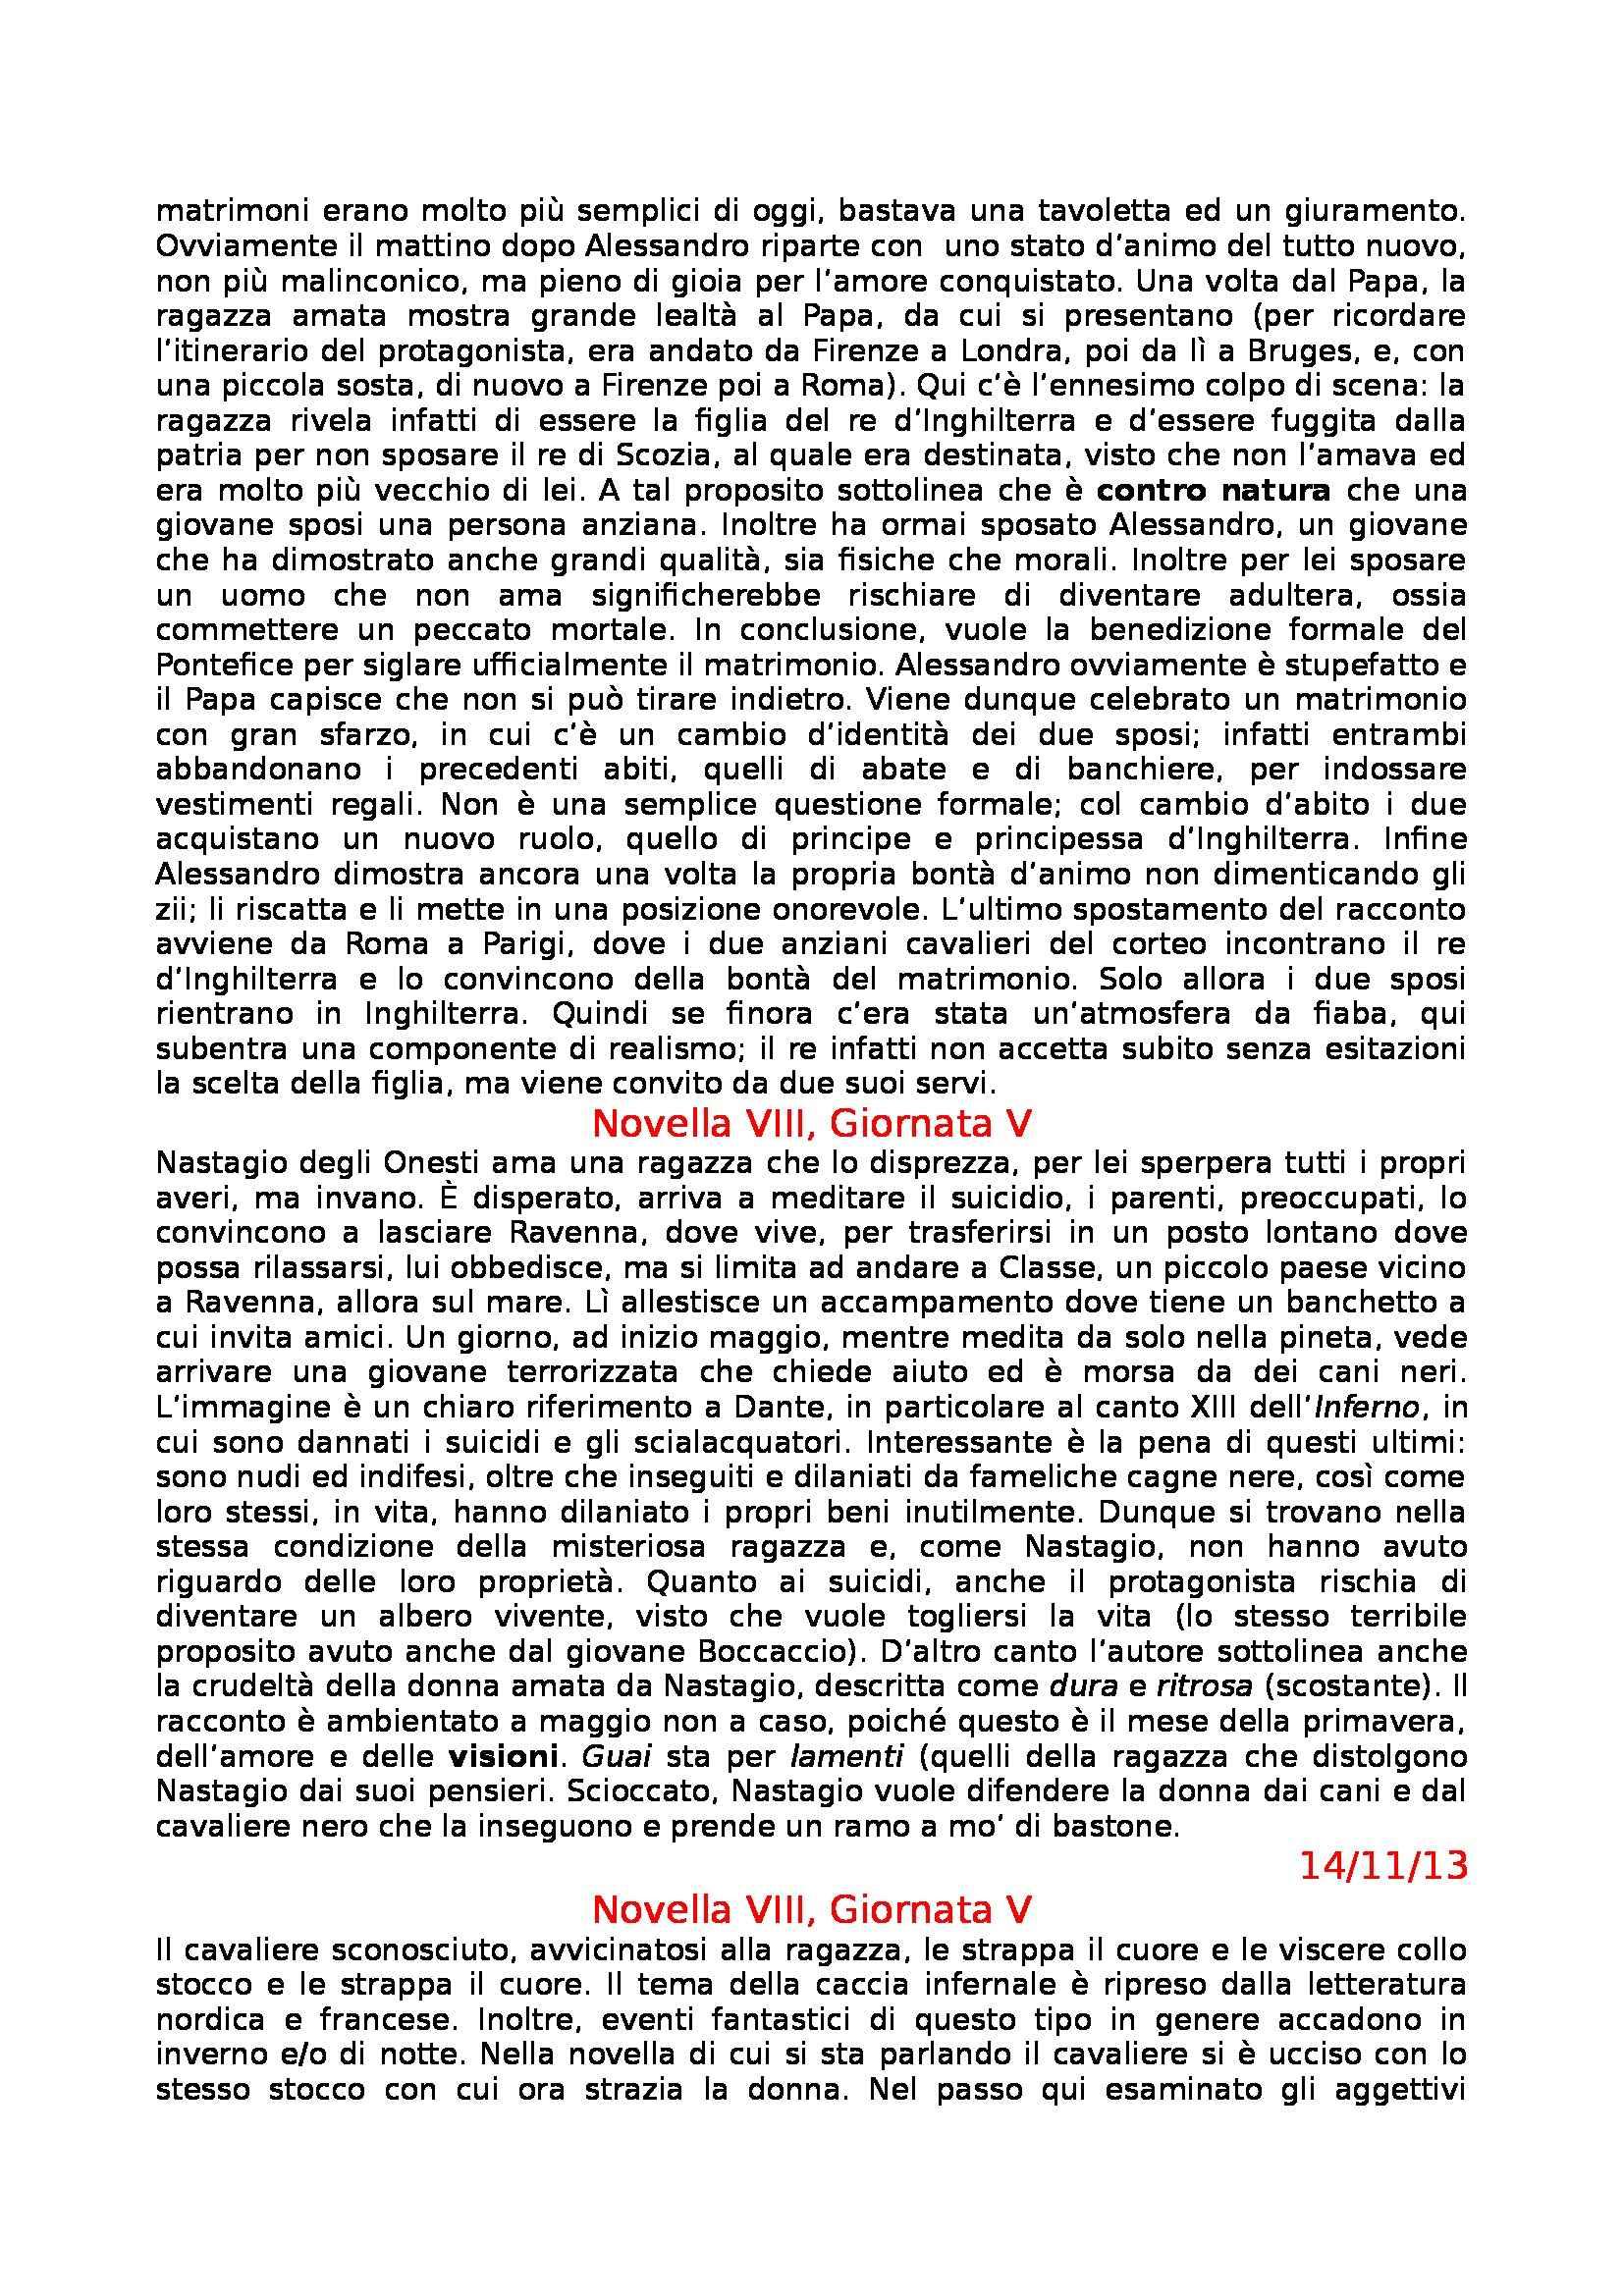 Letteratura Italiana - Boccaccio e Decameron Pag. 16